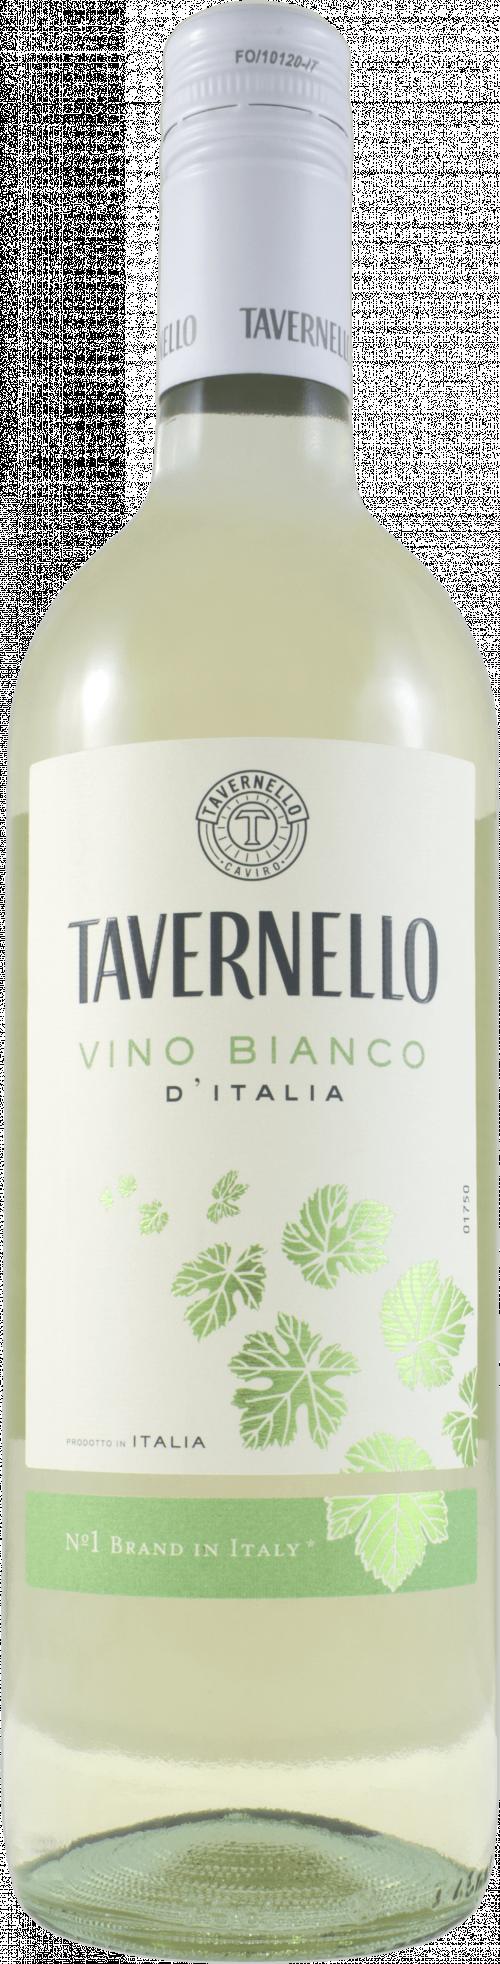 Tavernello Vino Bianco 750ml NV